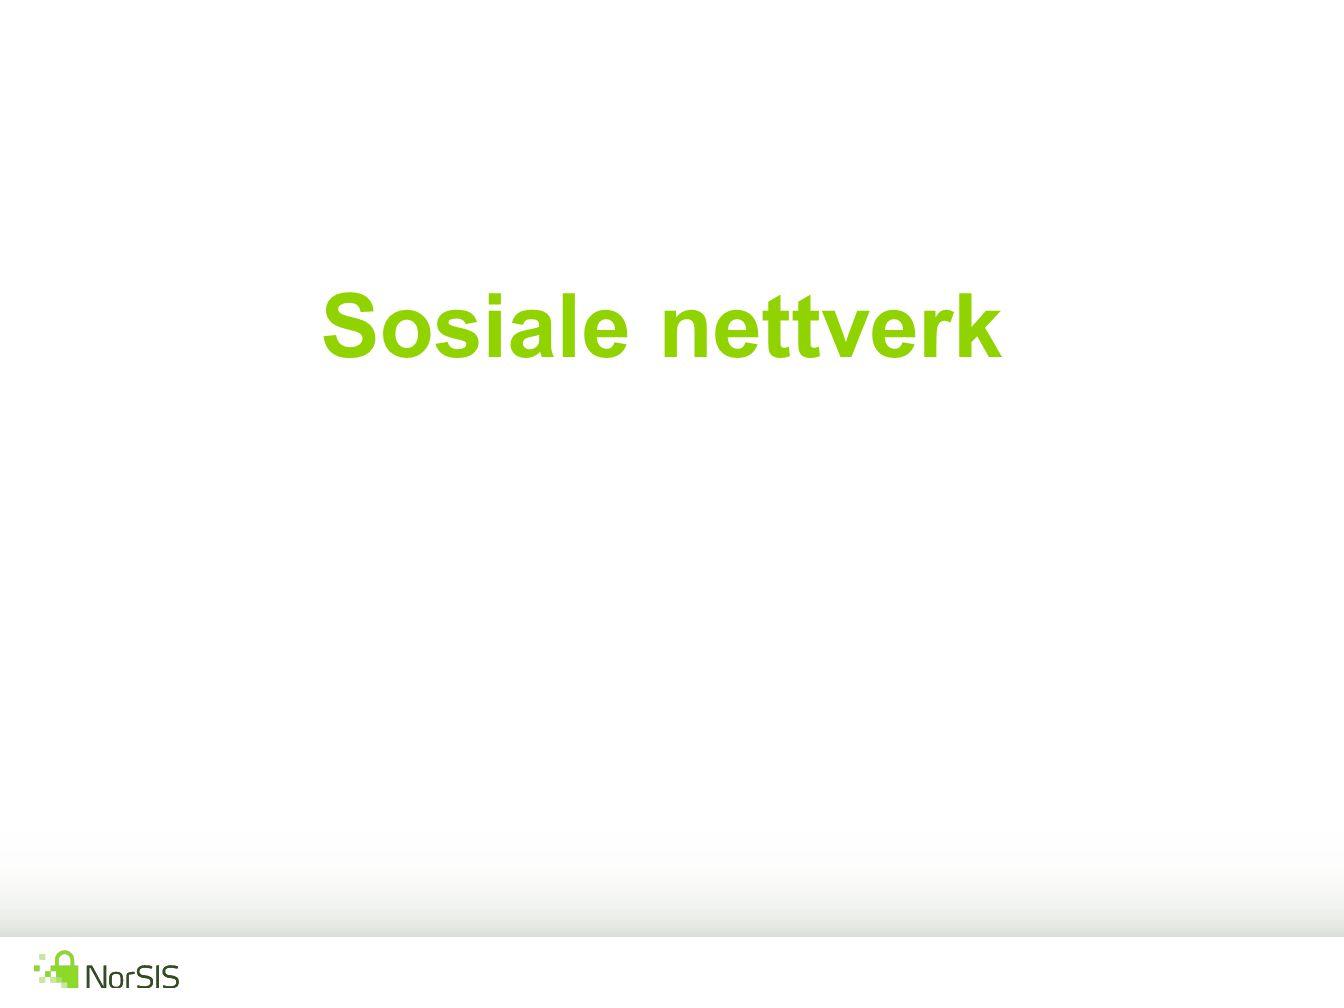 Sosiale nettverk